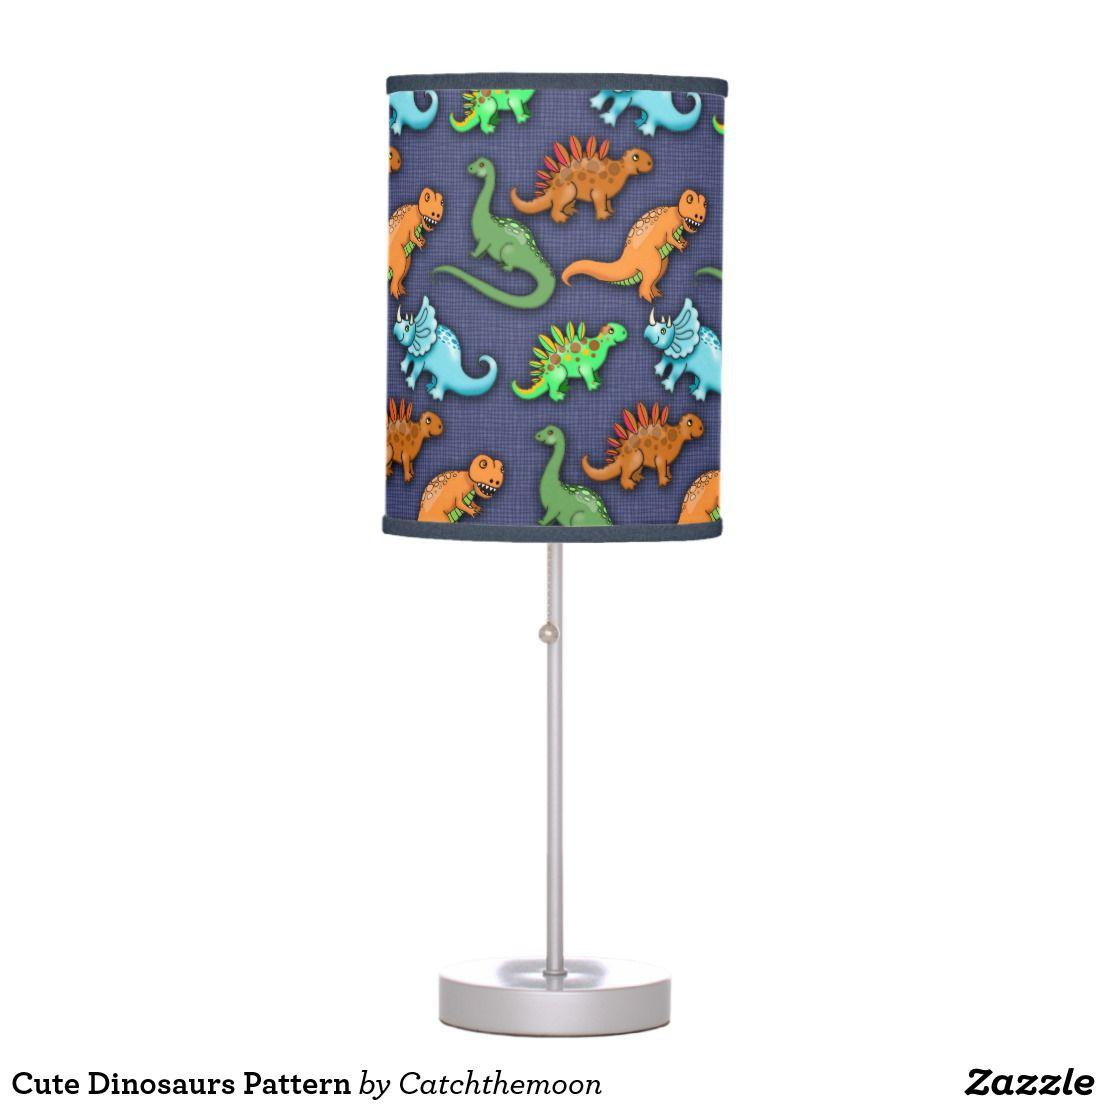 Cute Dinosaurs Pattern Table Lamp Lamp